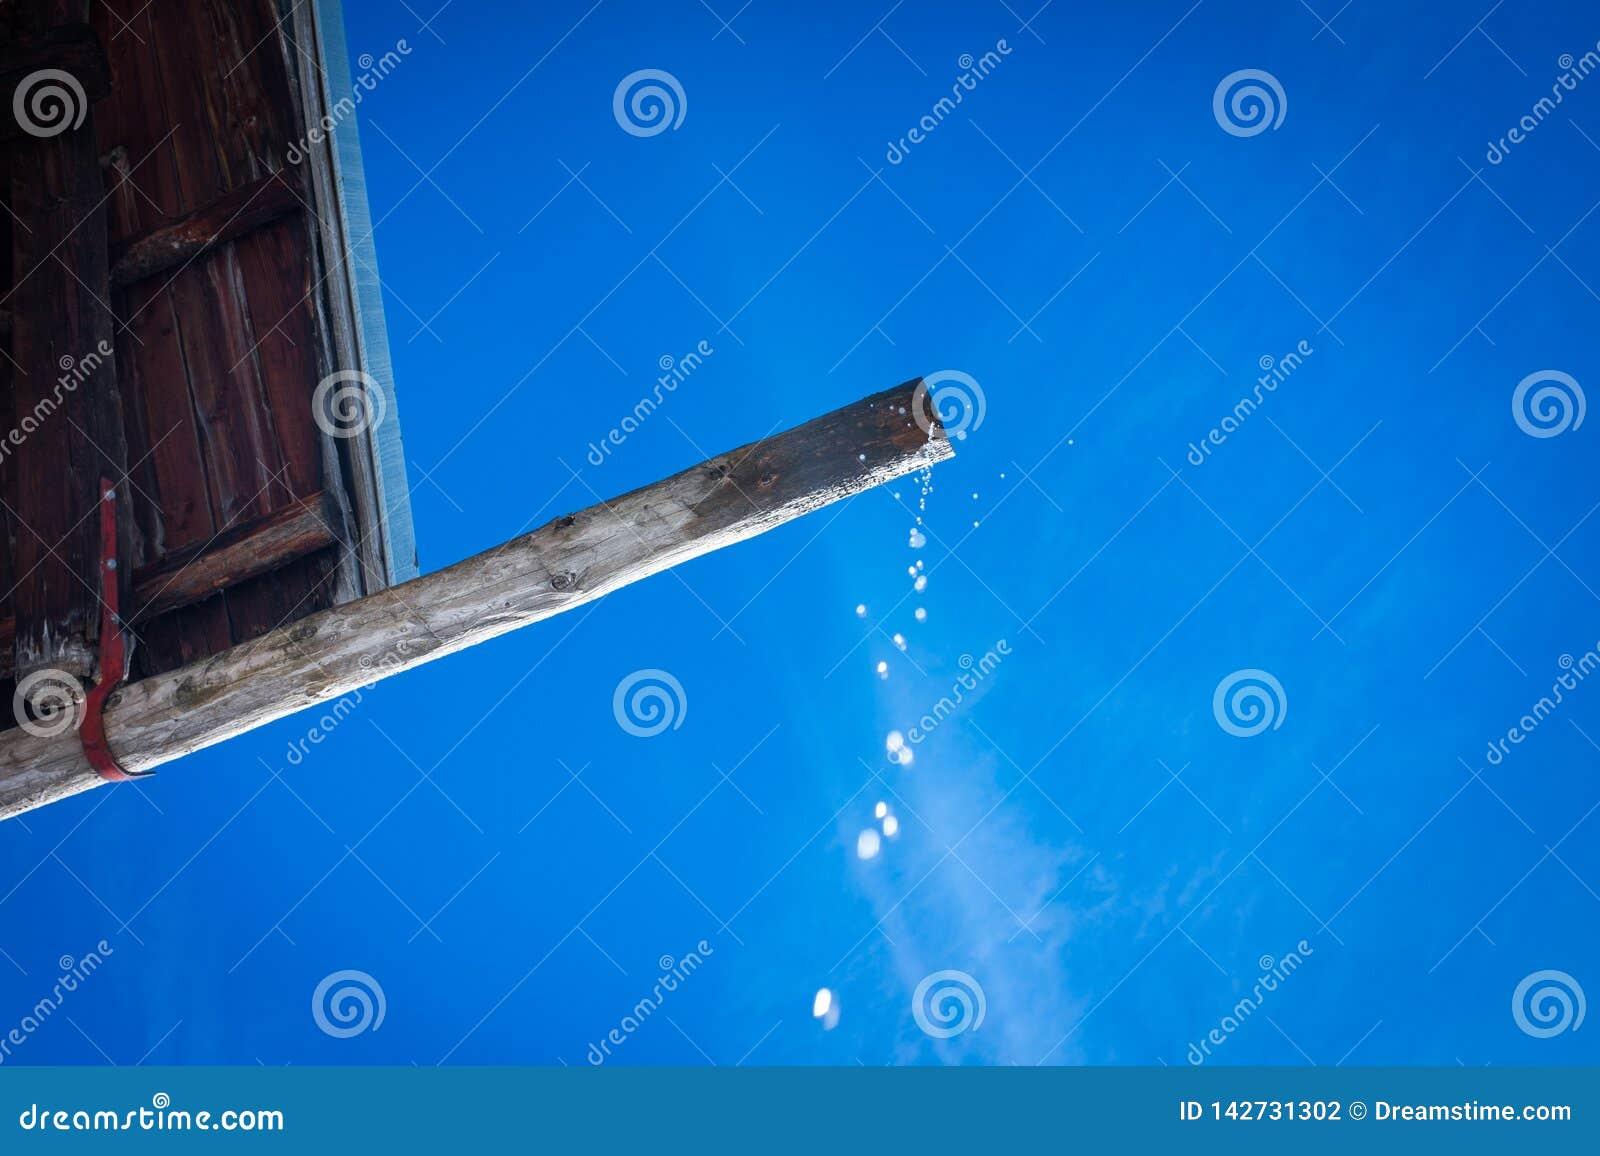 Daling die van een oud houten dak vallen